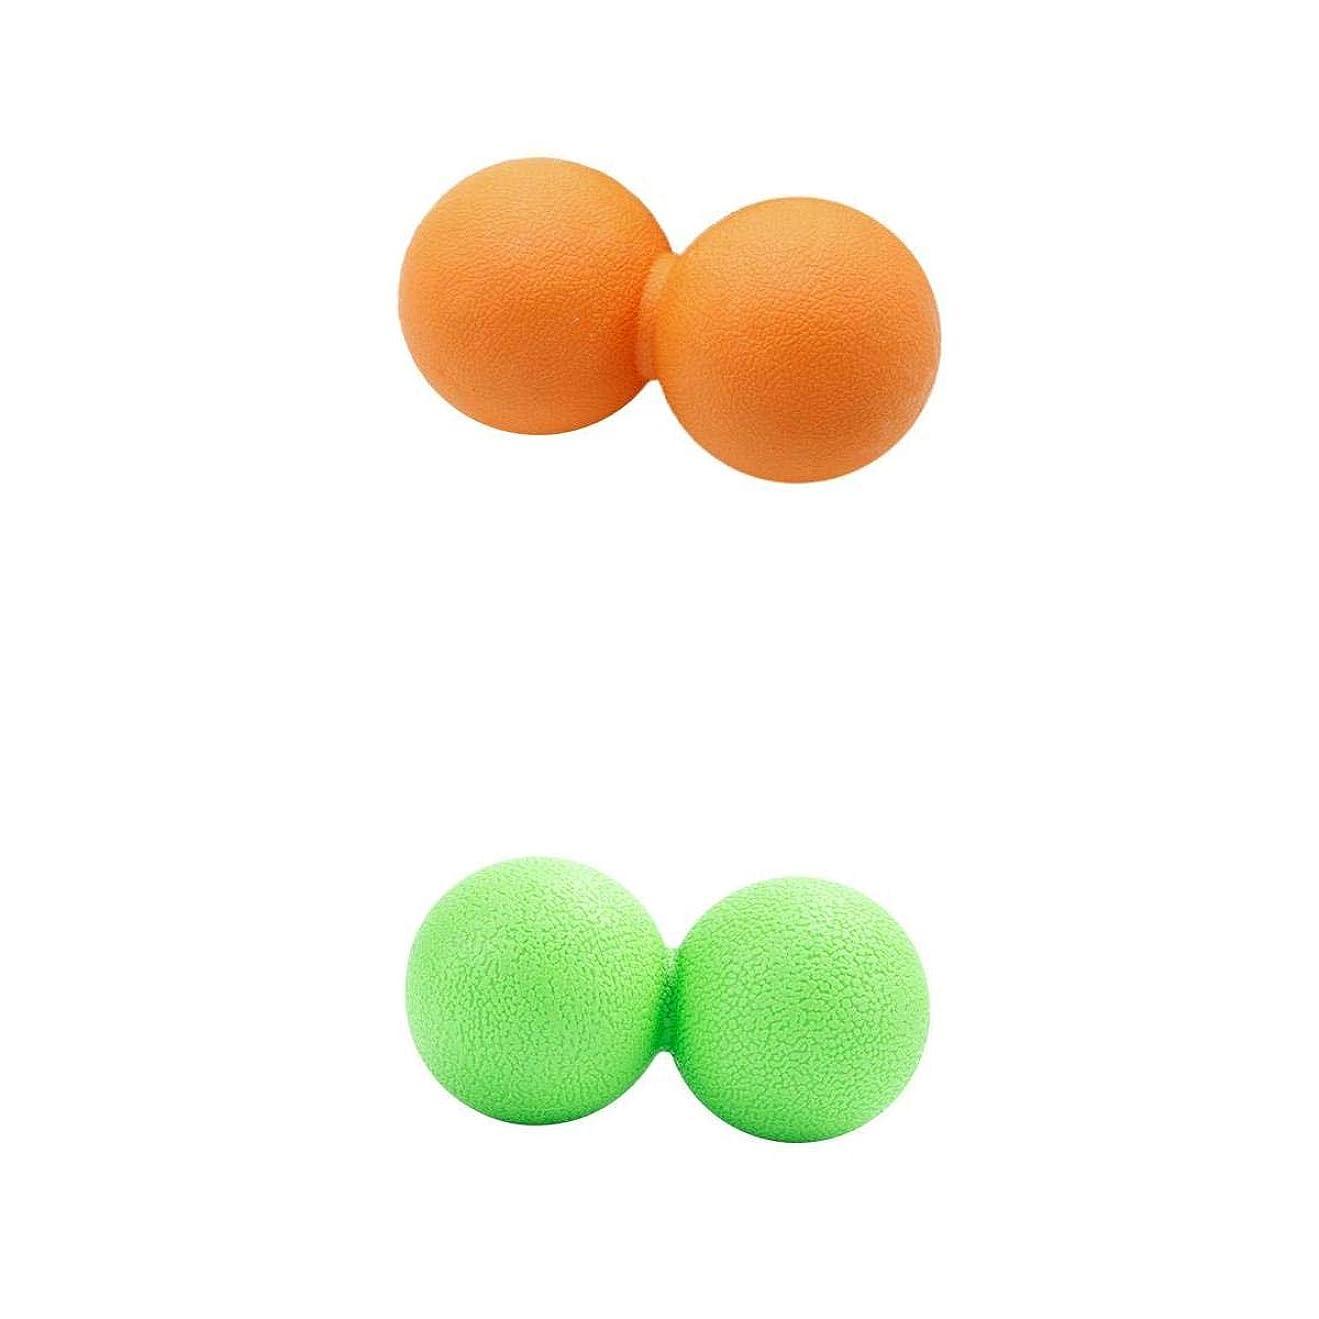 人生を作る四コンサルタントFenteer マッサージボール ピーナッツ型 筋膜リリース トリガーポイント ツボ押しグッズ 2個入